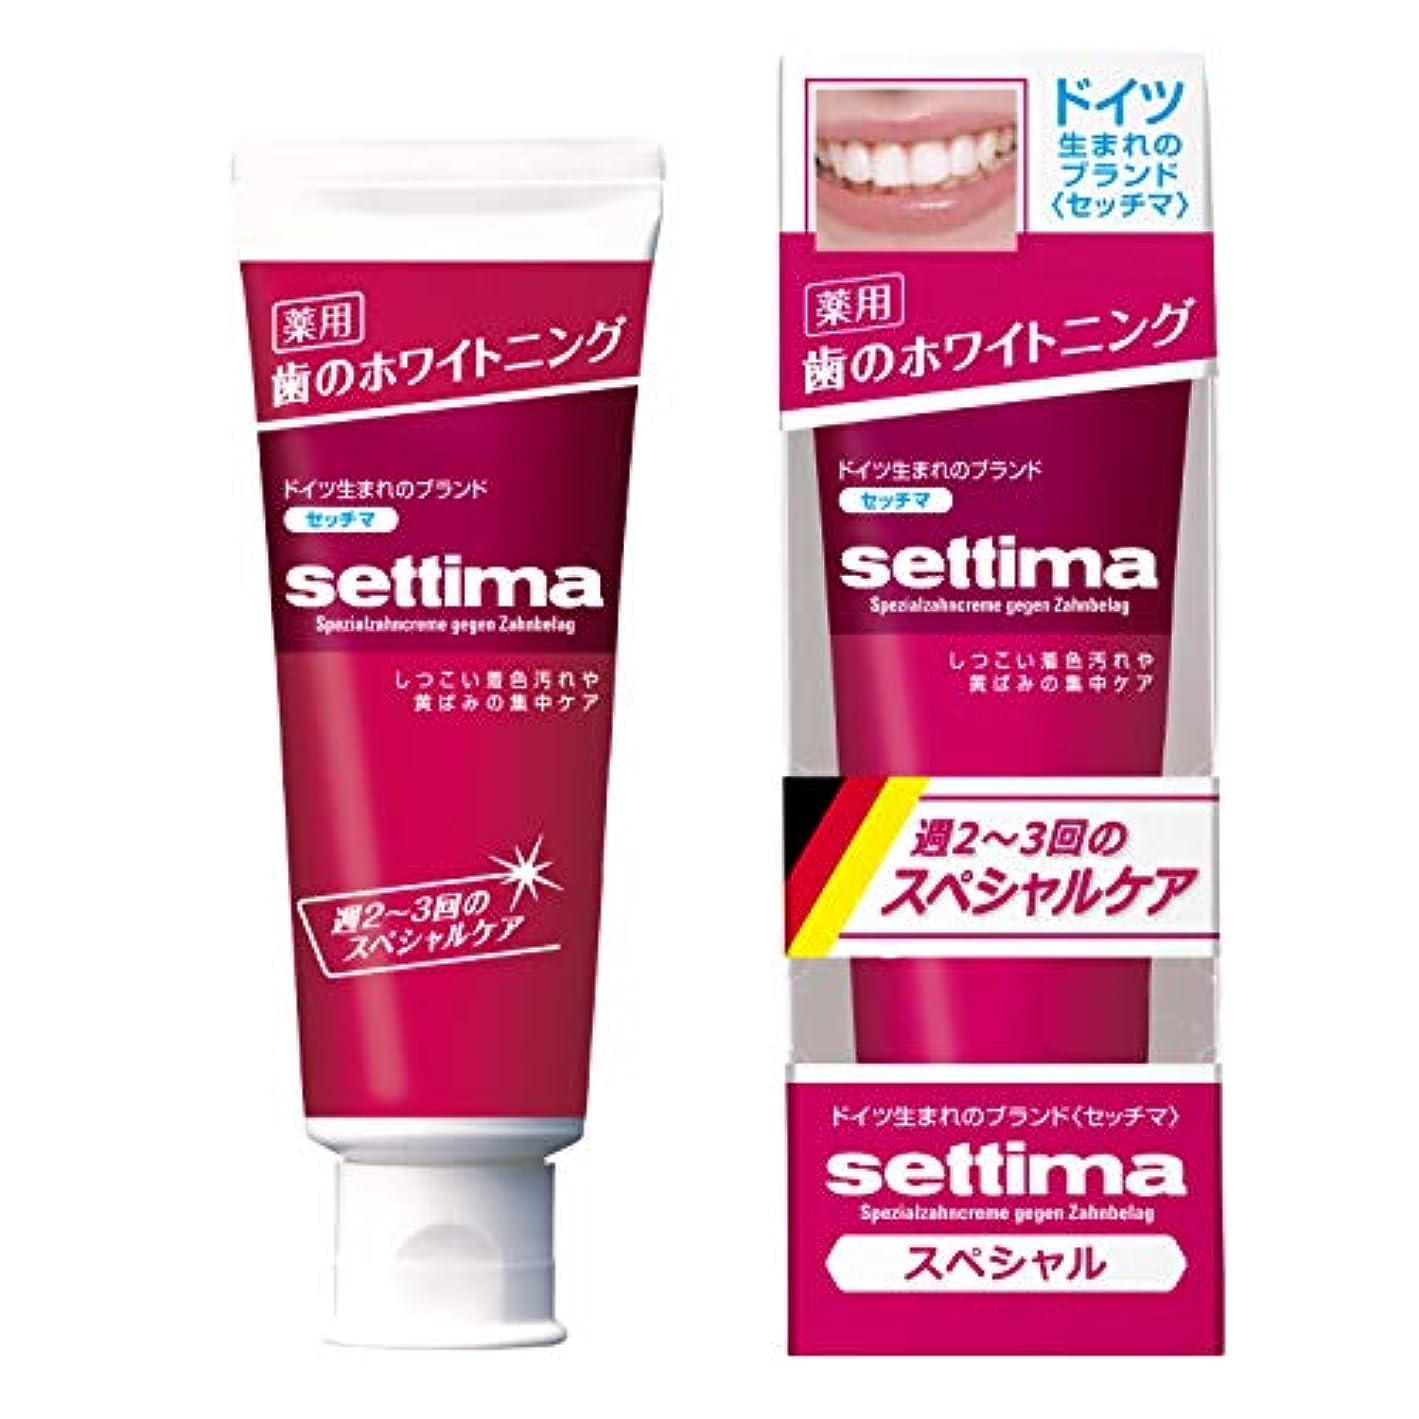 フルート母傾くsettima(セッチマ) ホワイトニング 歯みがき スペシャルケア [ペパーミントタイプ] 80g